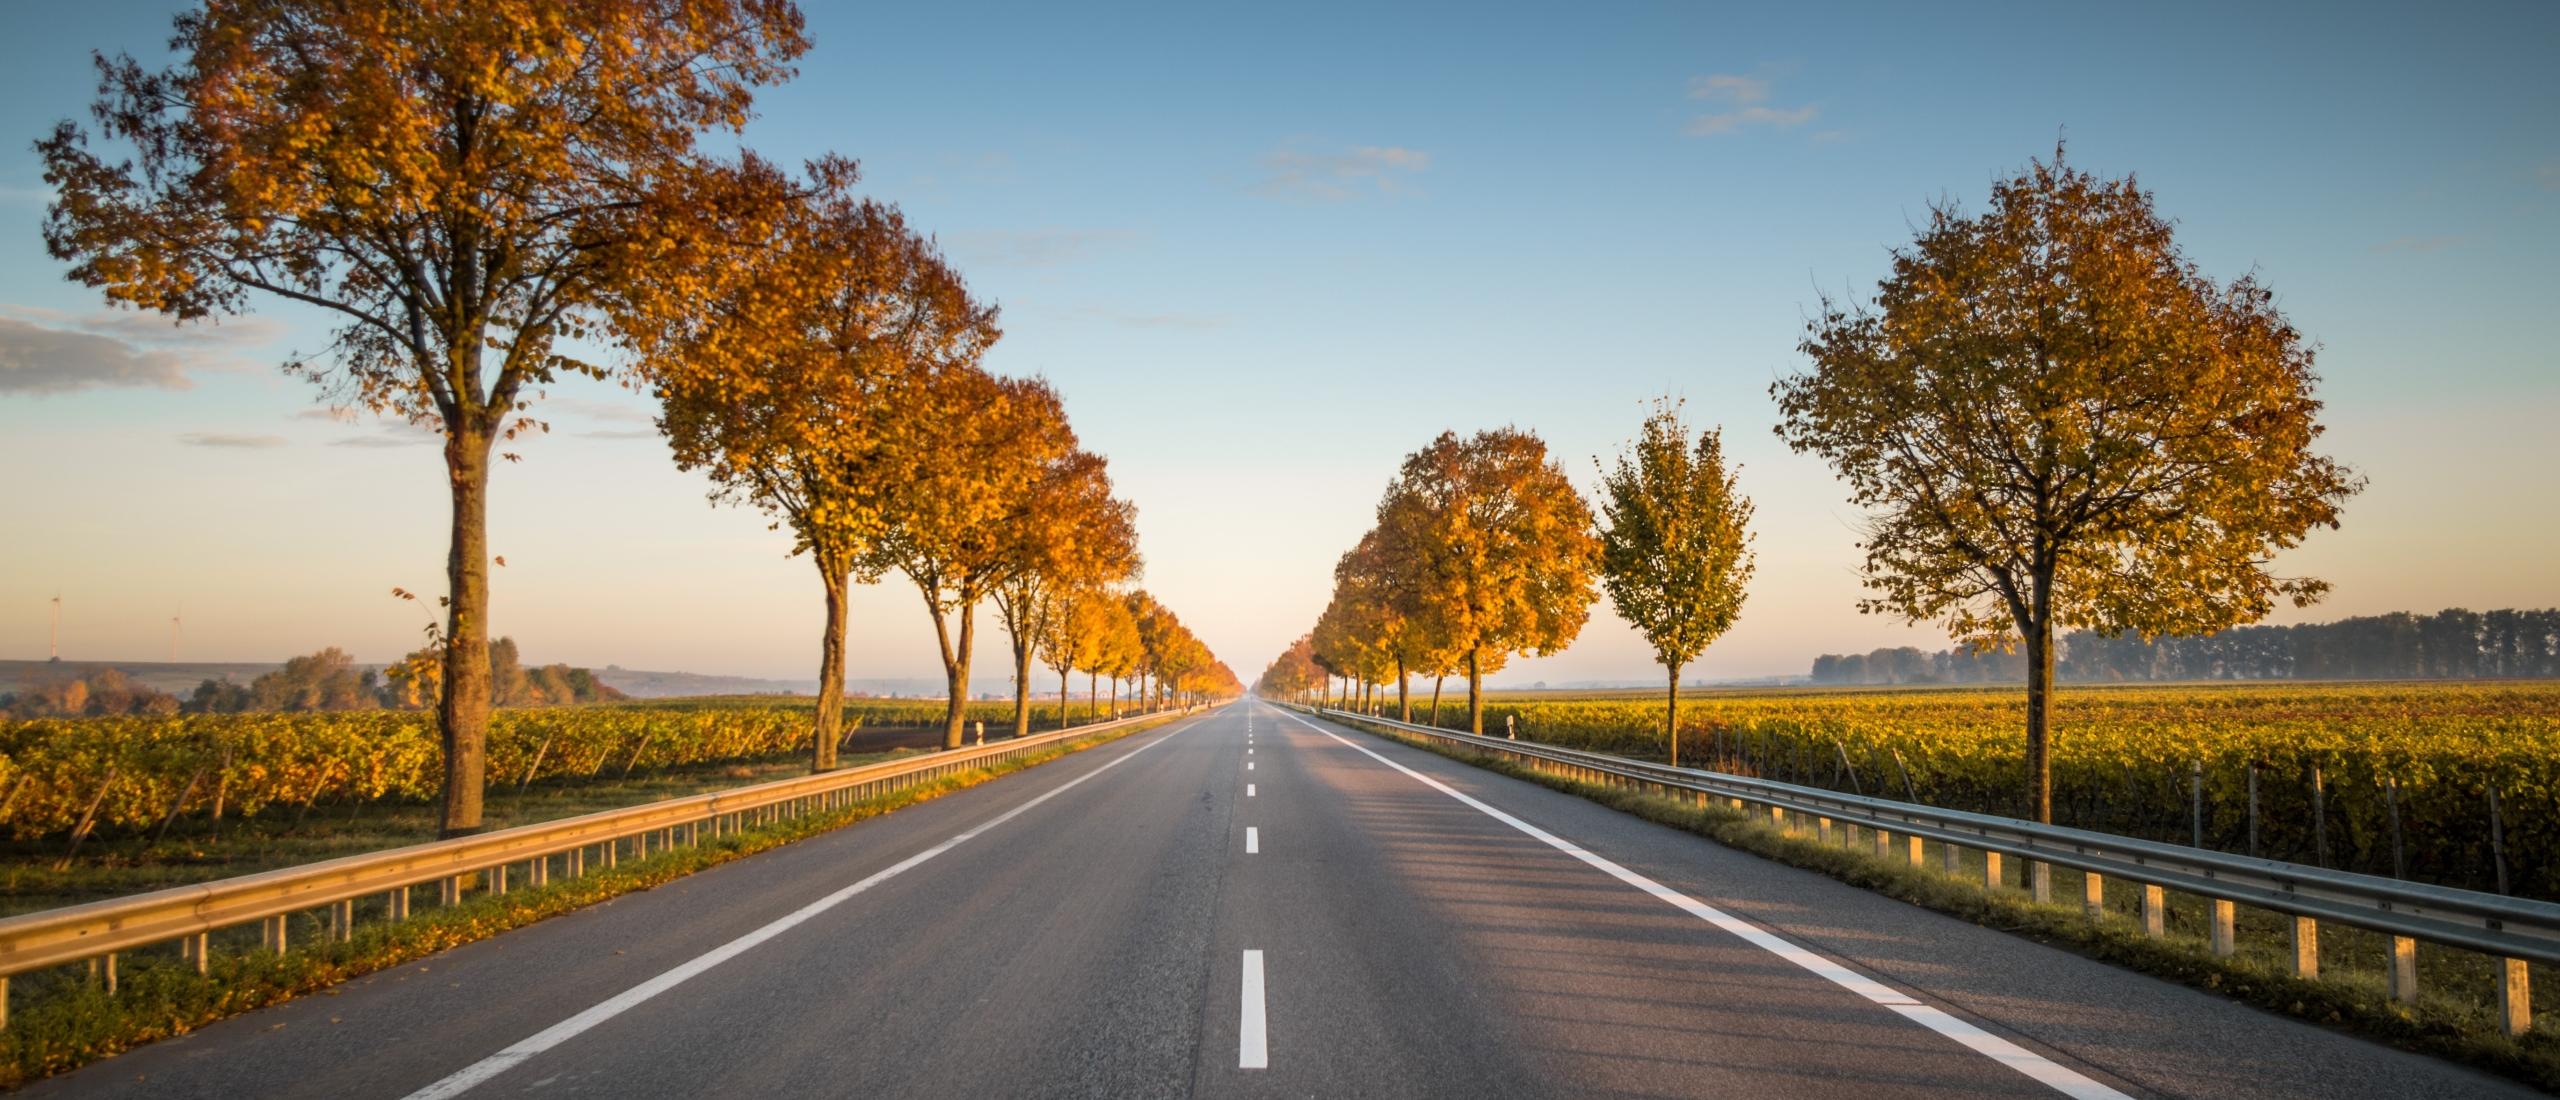 Een blik op de weg